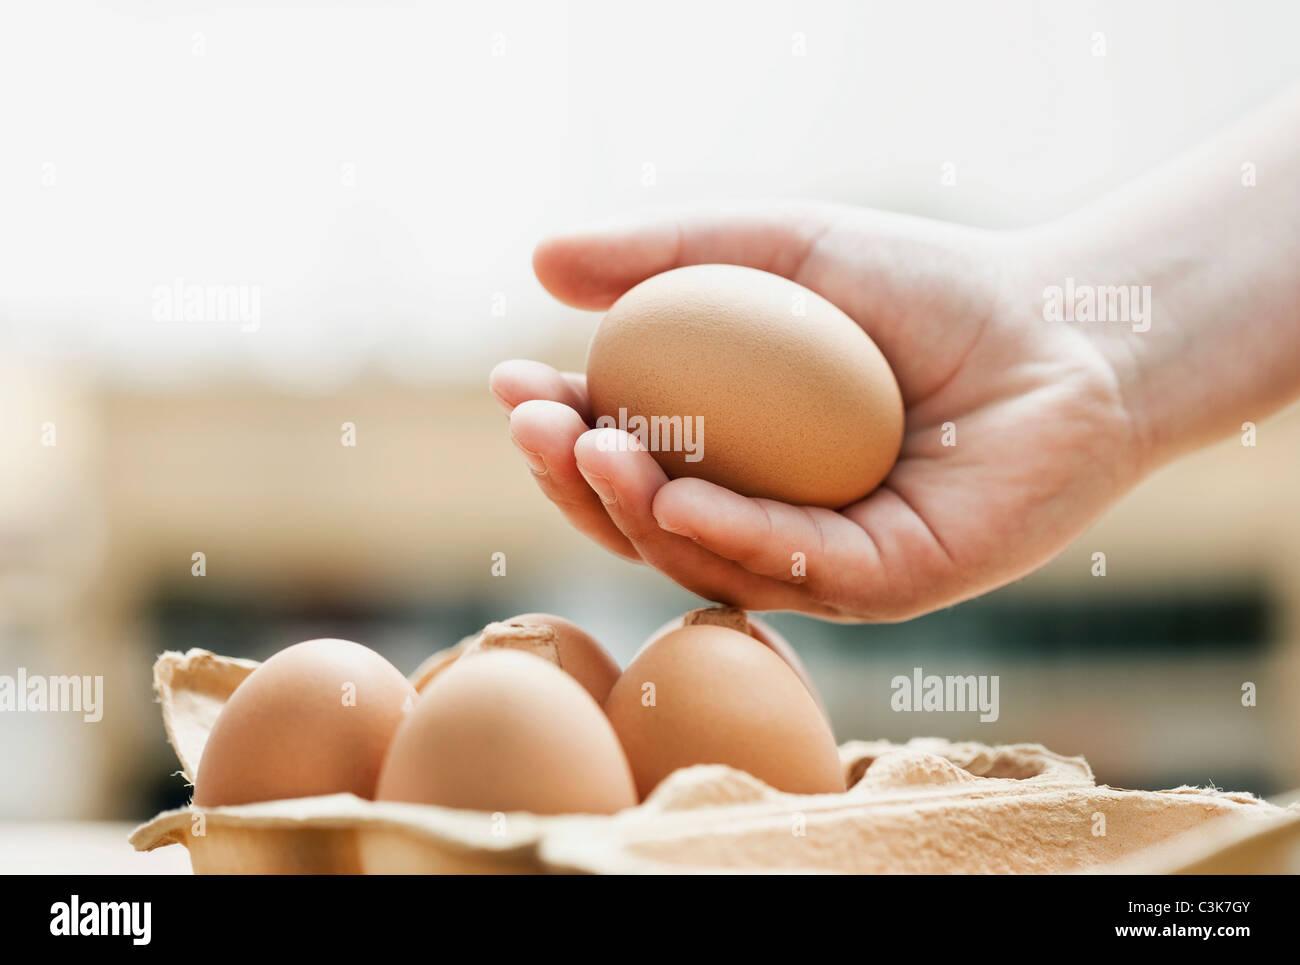 Alemania, Colonia, mano humana la celebración de huevos, cerrar Imagen De Stock